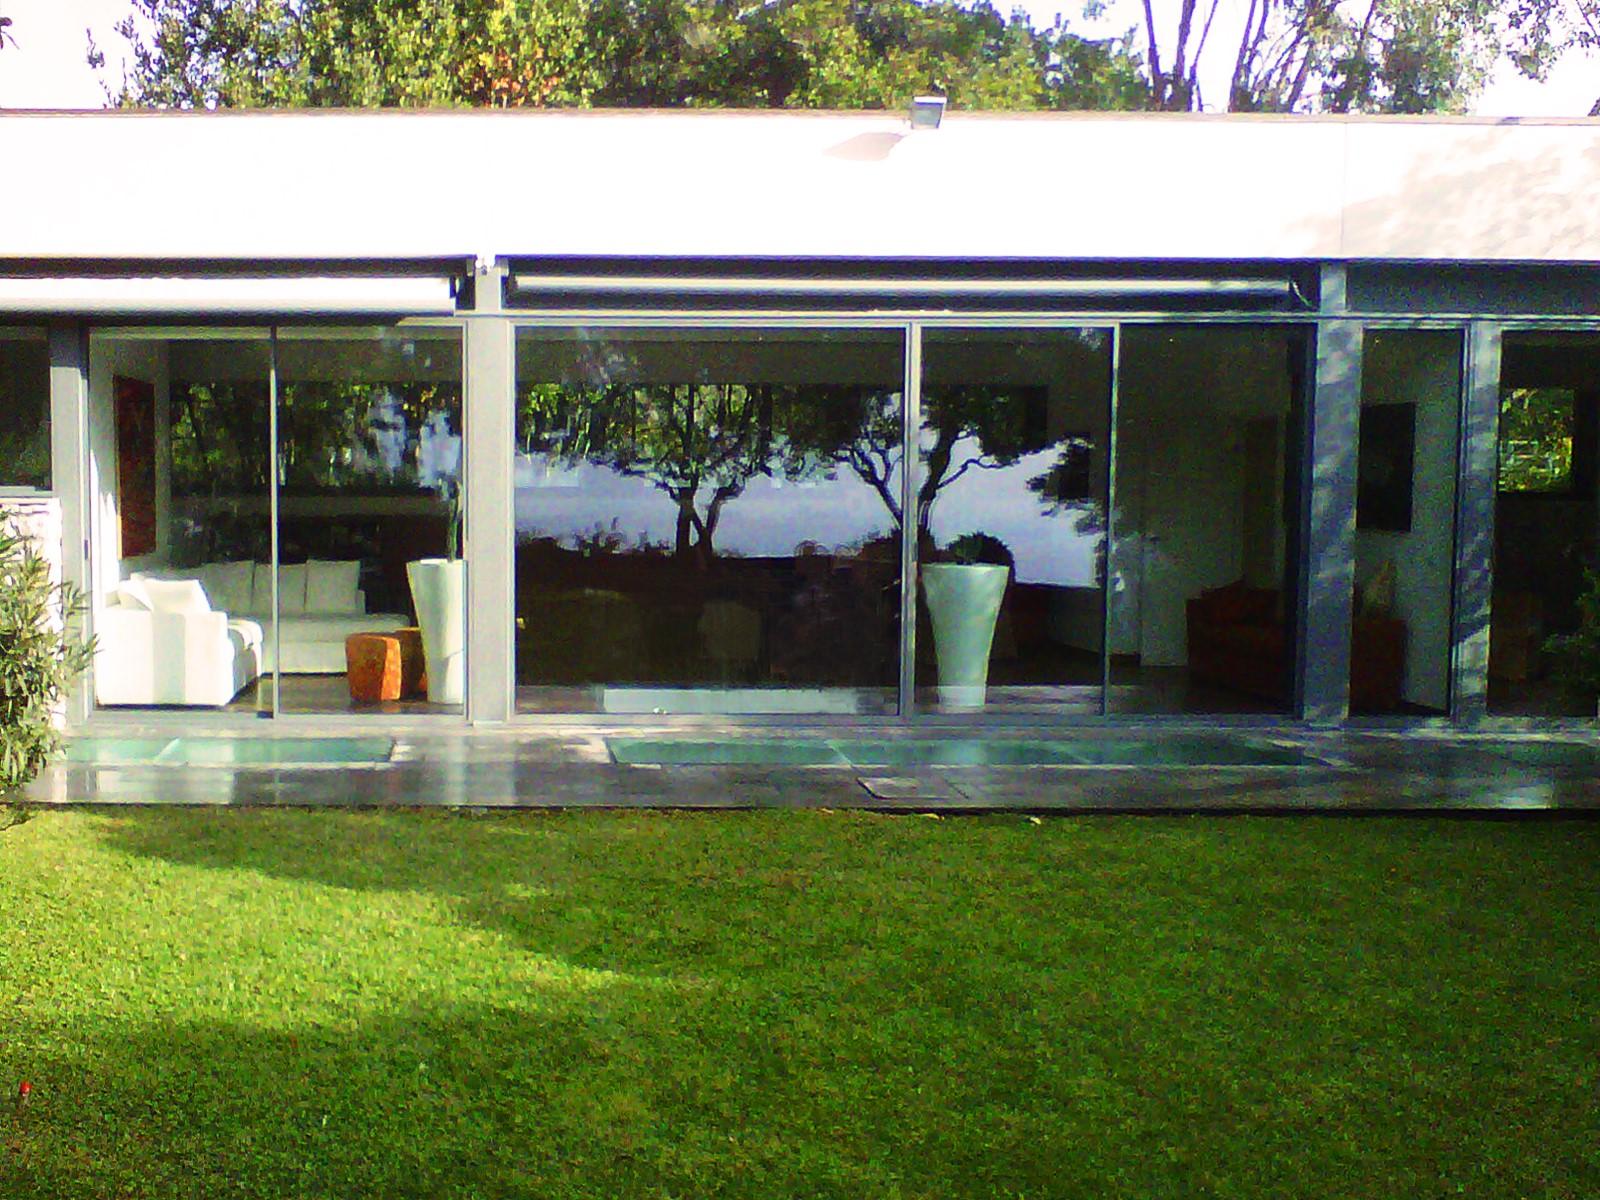 10. Vista esterna villa con pareti vetrate ultimate e particolare di camminamento esterno con vetro stratificato: lavori ultimati.